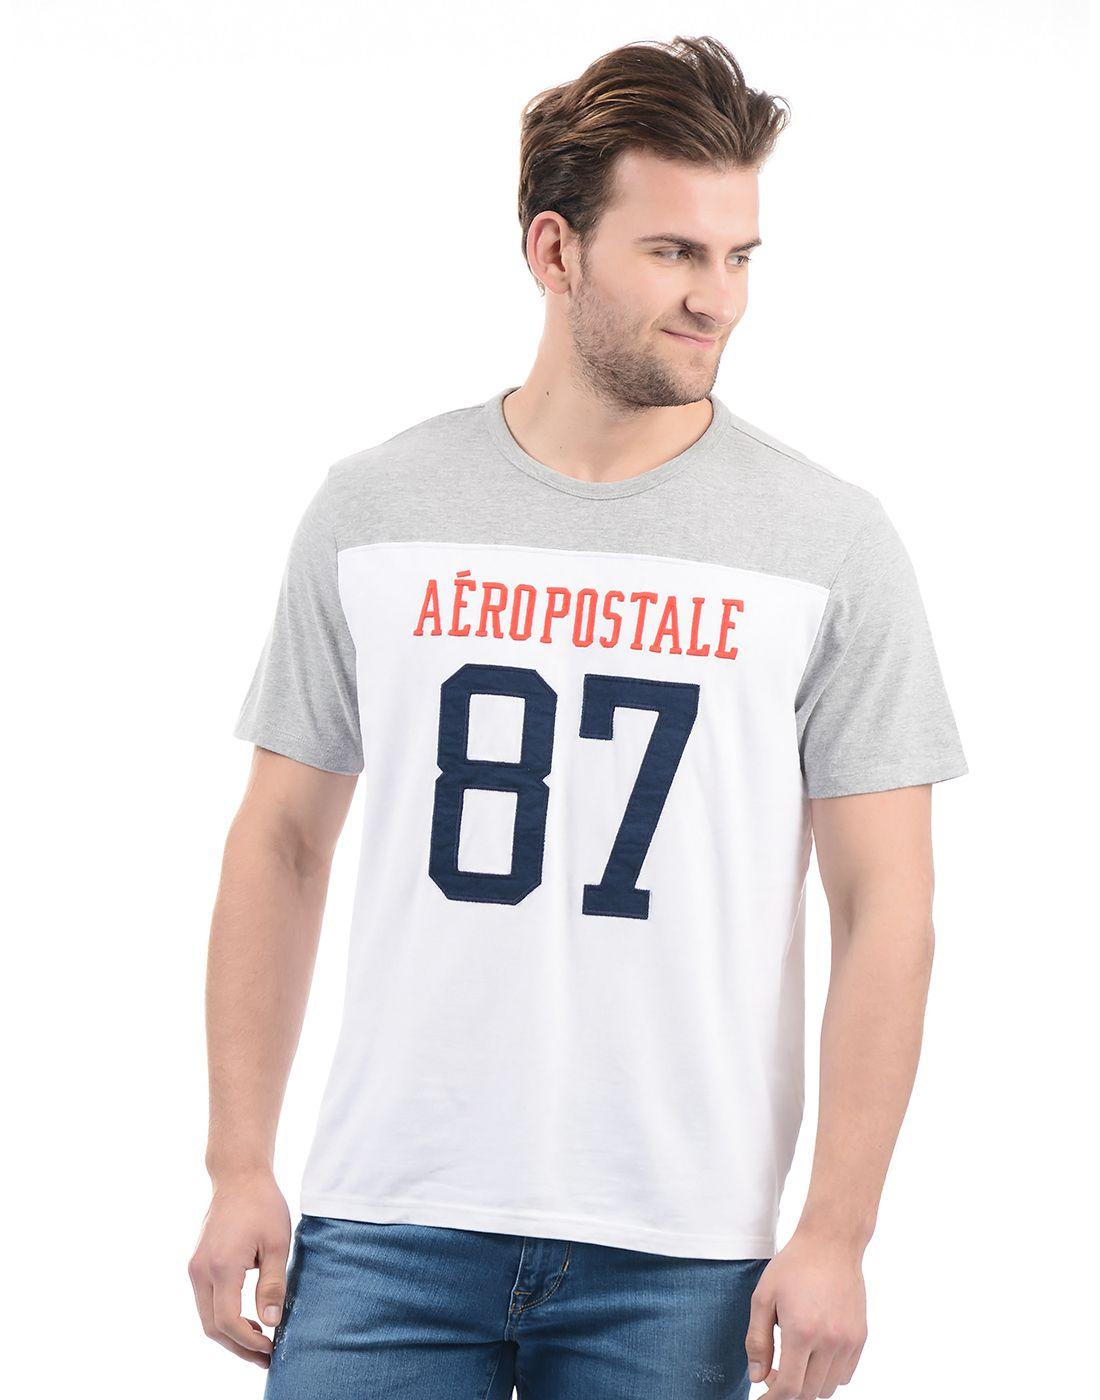 Aeropostale White Round T-Shirt